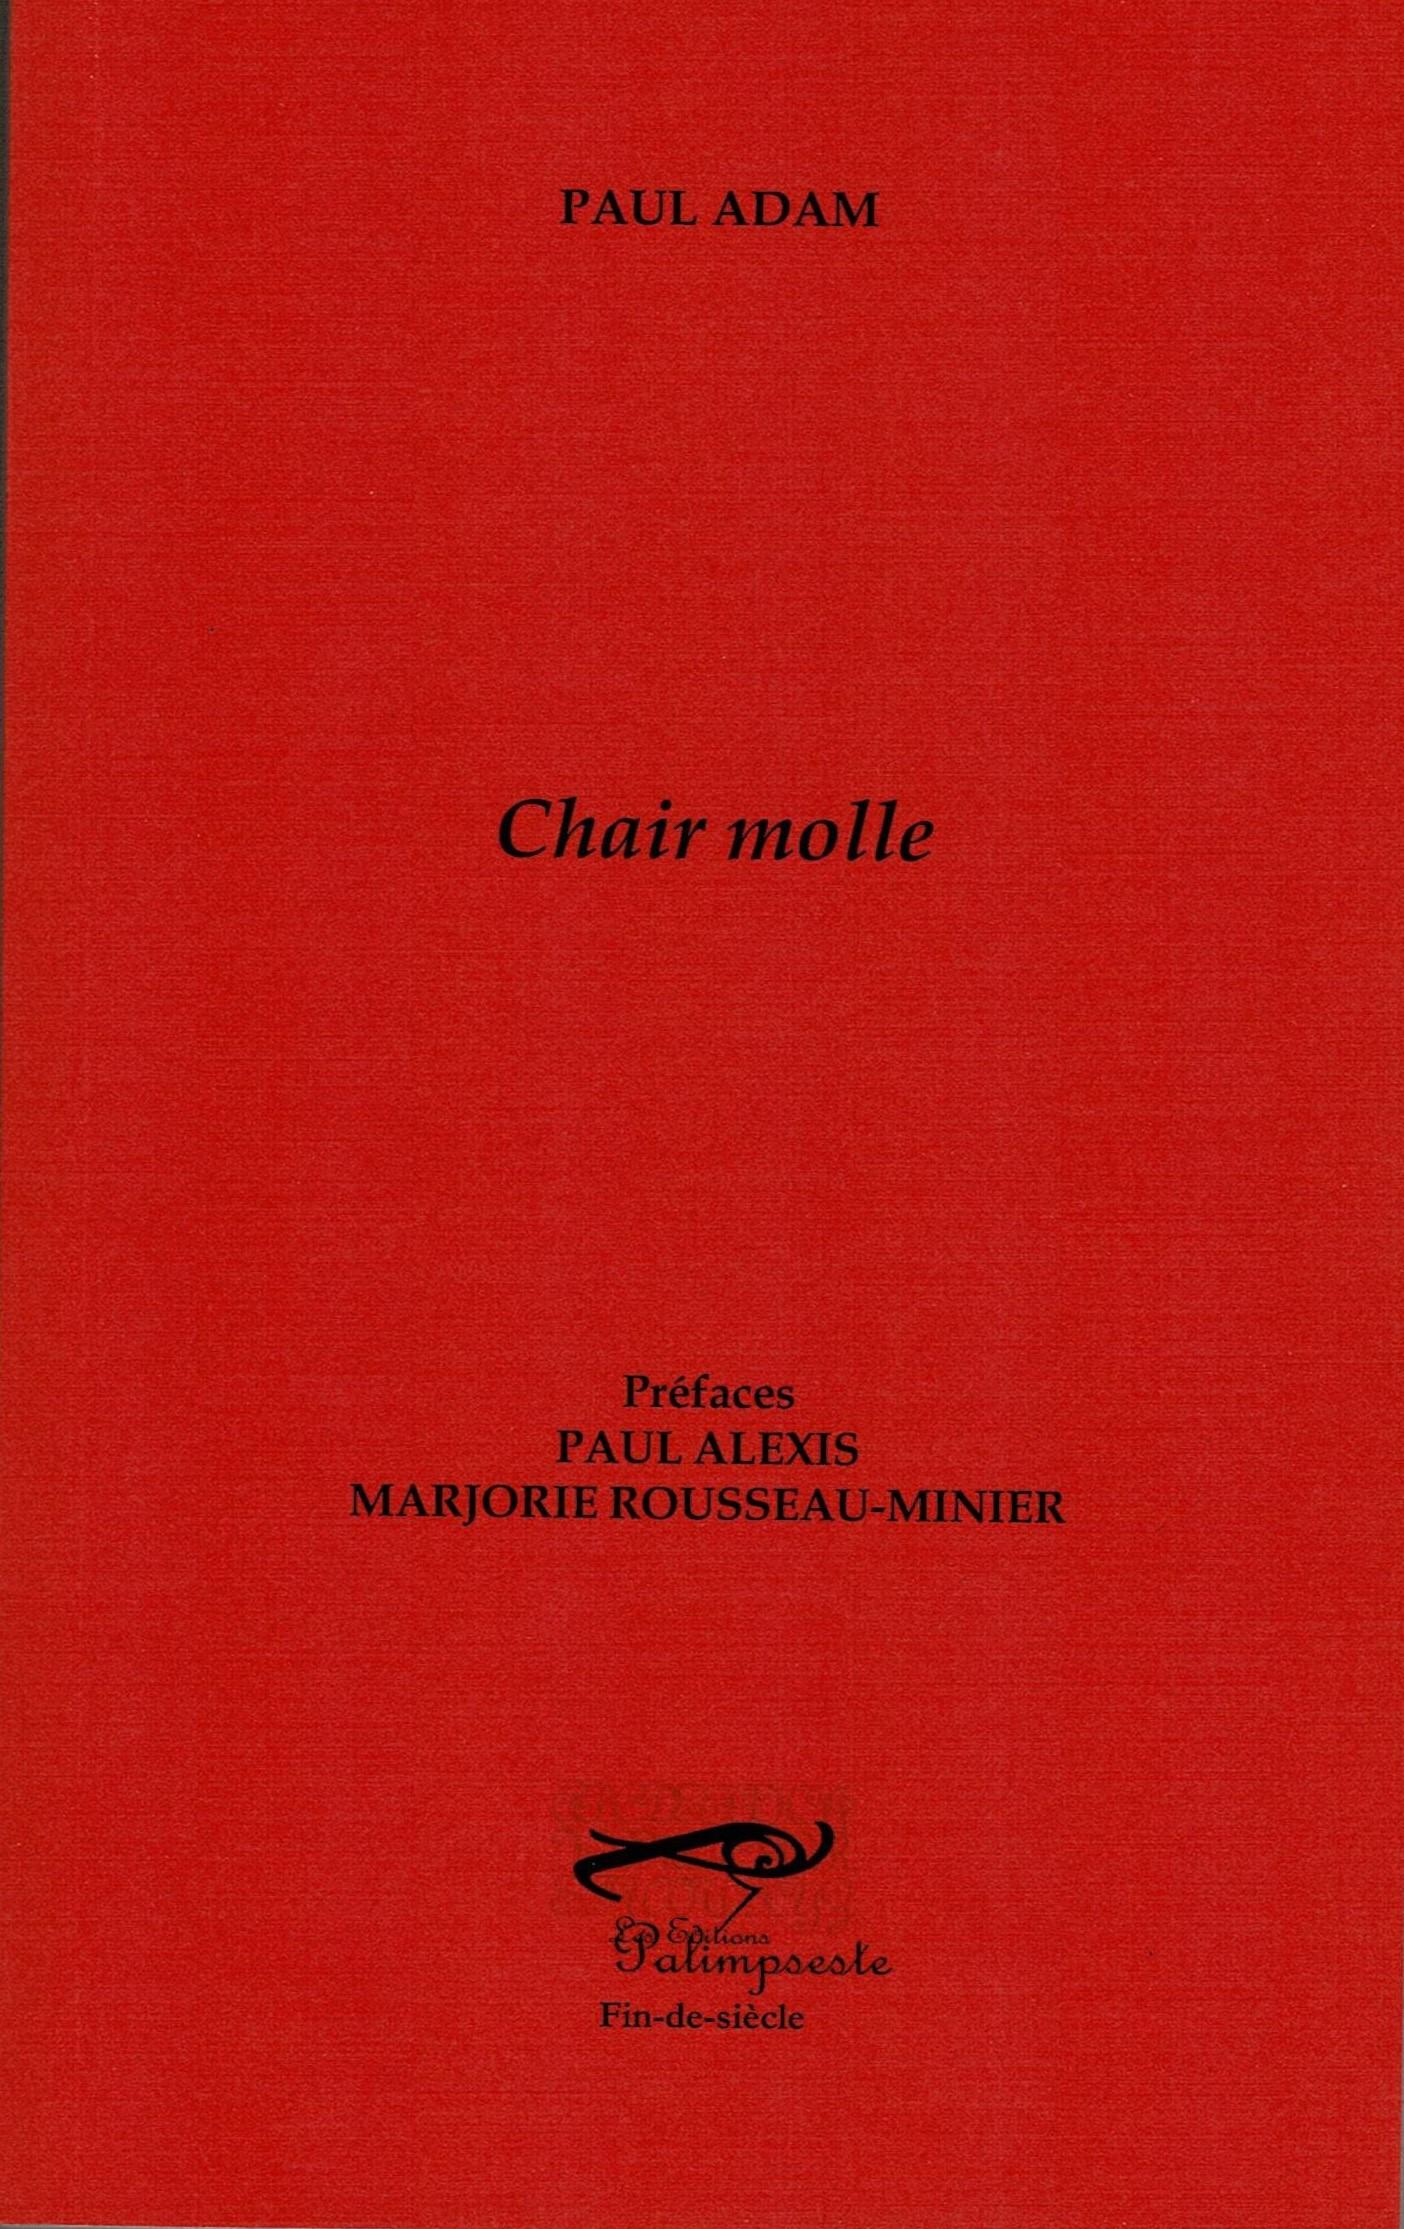 P. Adam, Chair molle (1885)